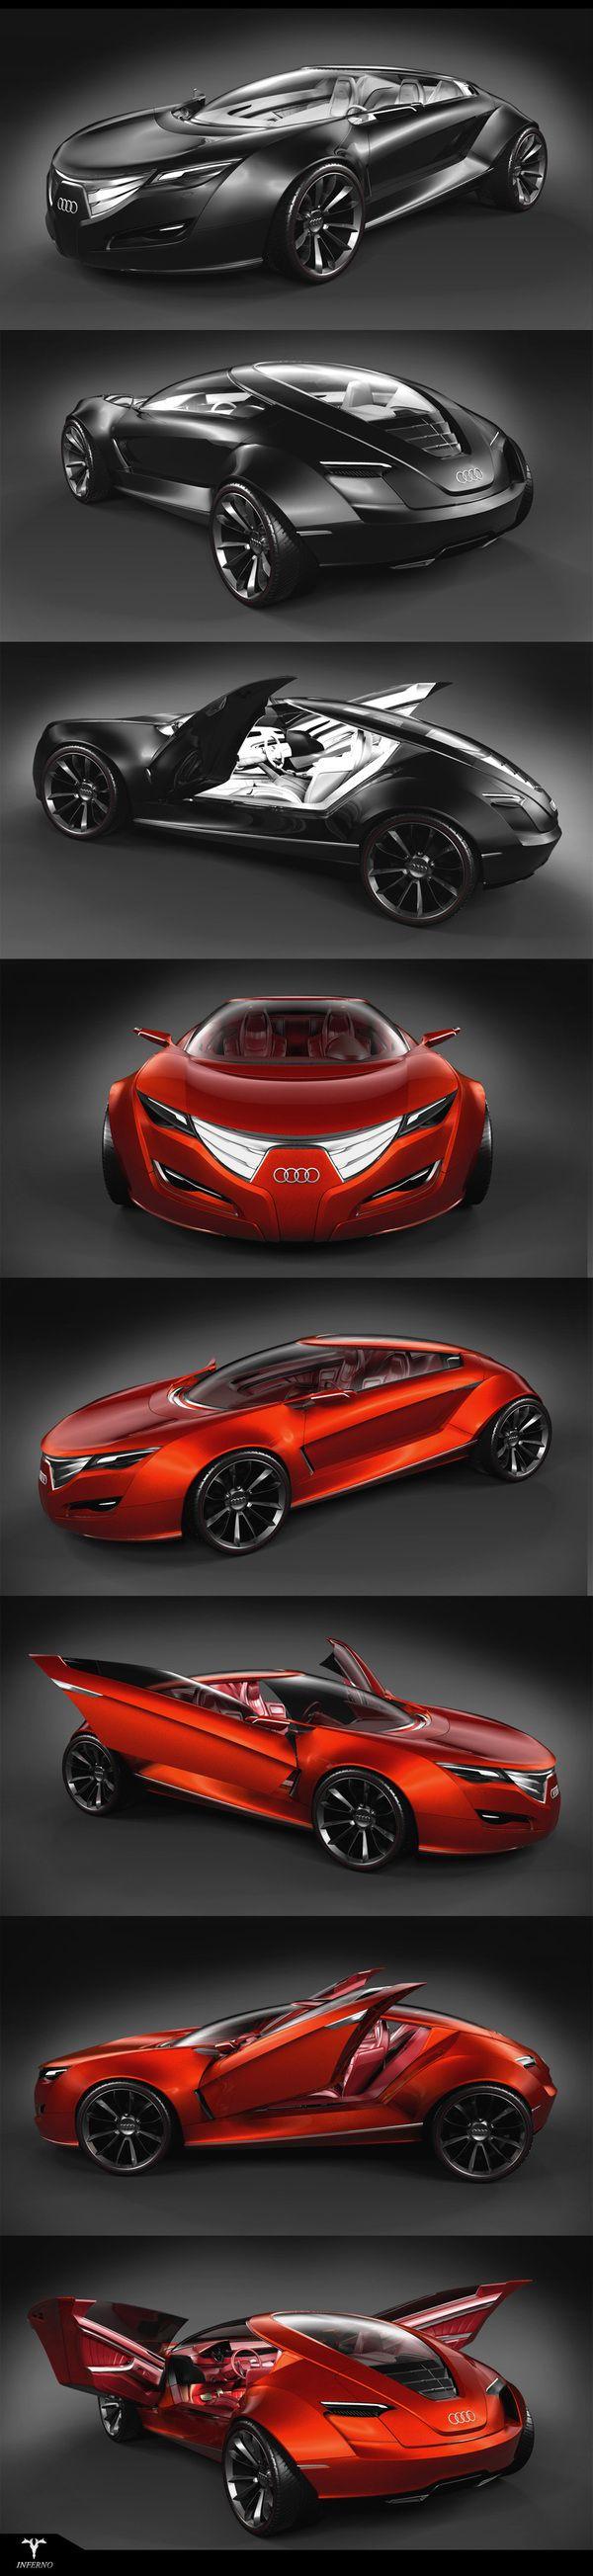 """Audi - """"Regard"""" from Inferno by Piotr Czyzewski: Concept car."""